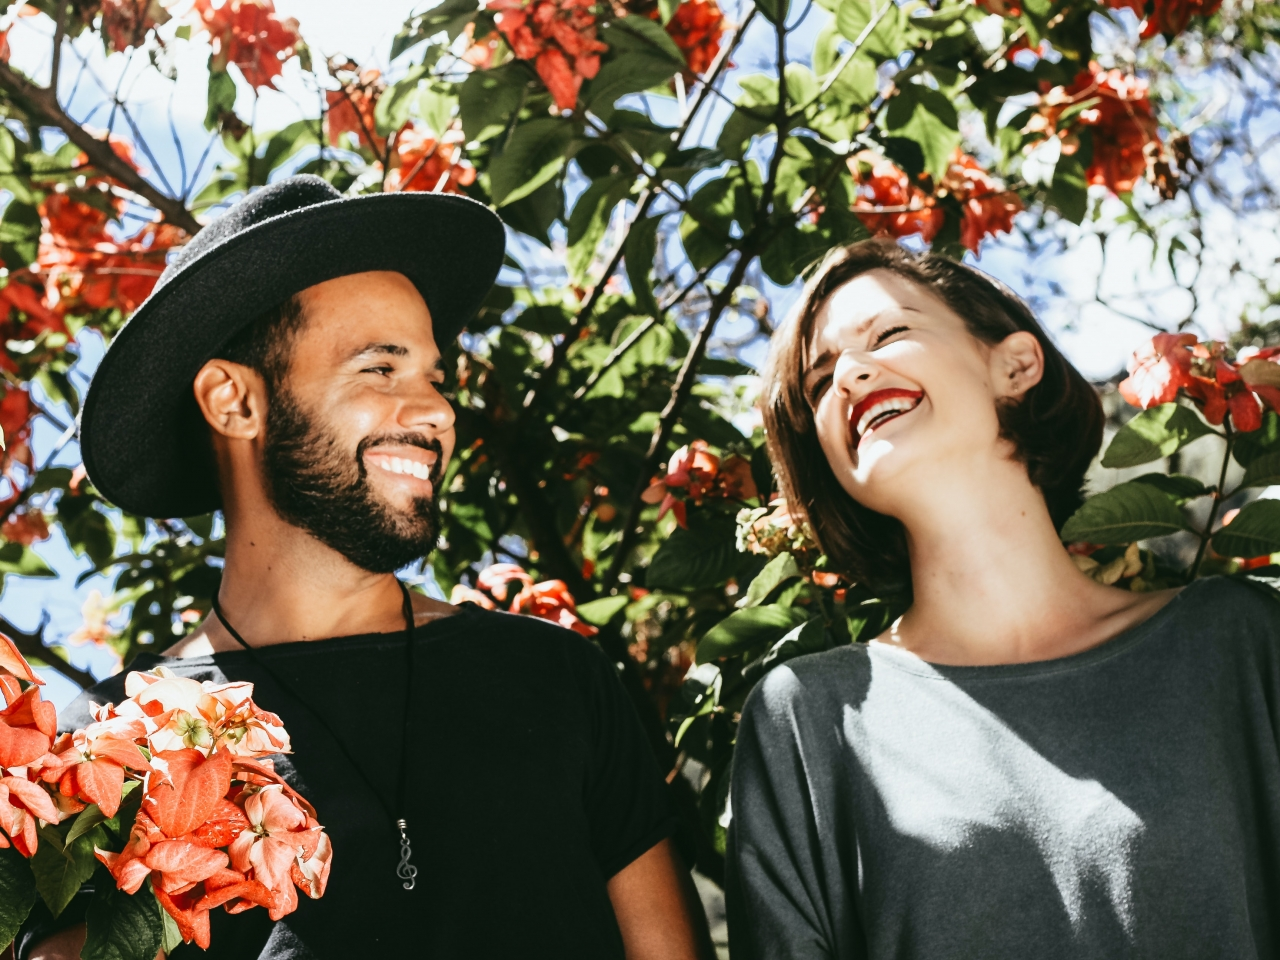 Cel mai bun site de dating engleza Dating site- ul ca Twoo